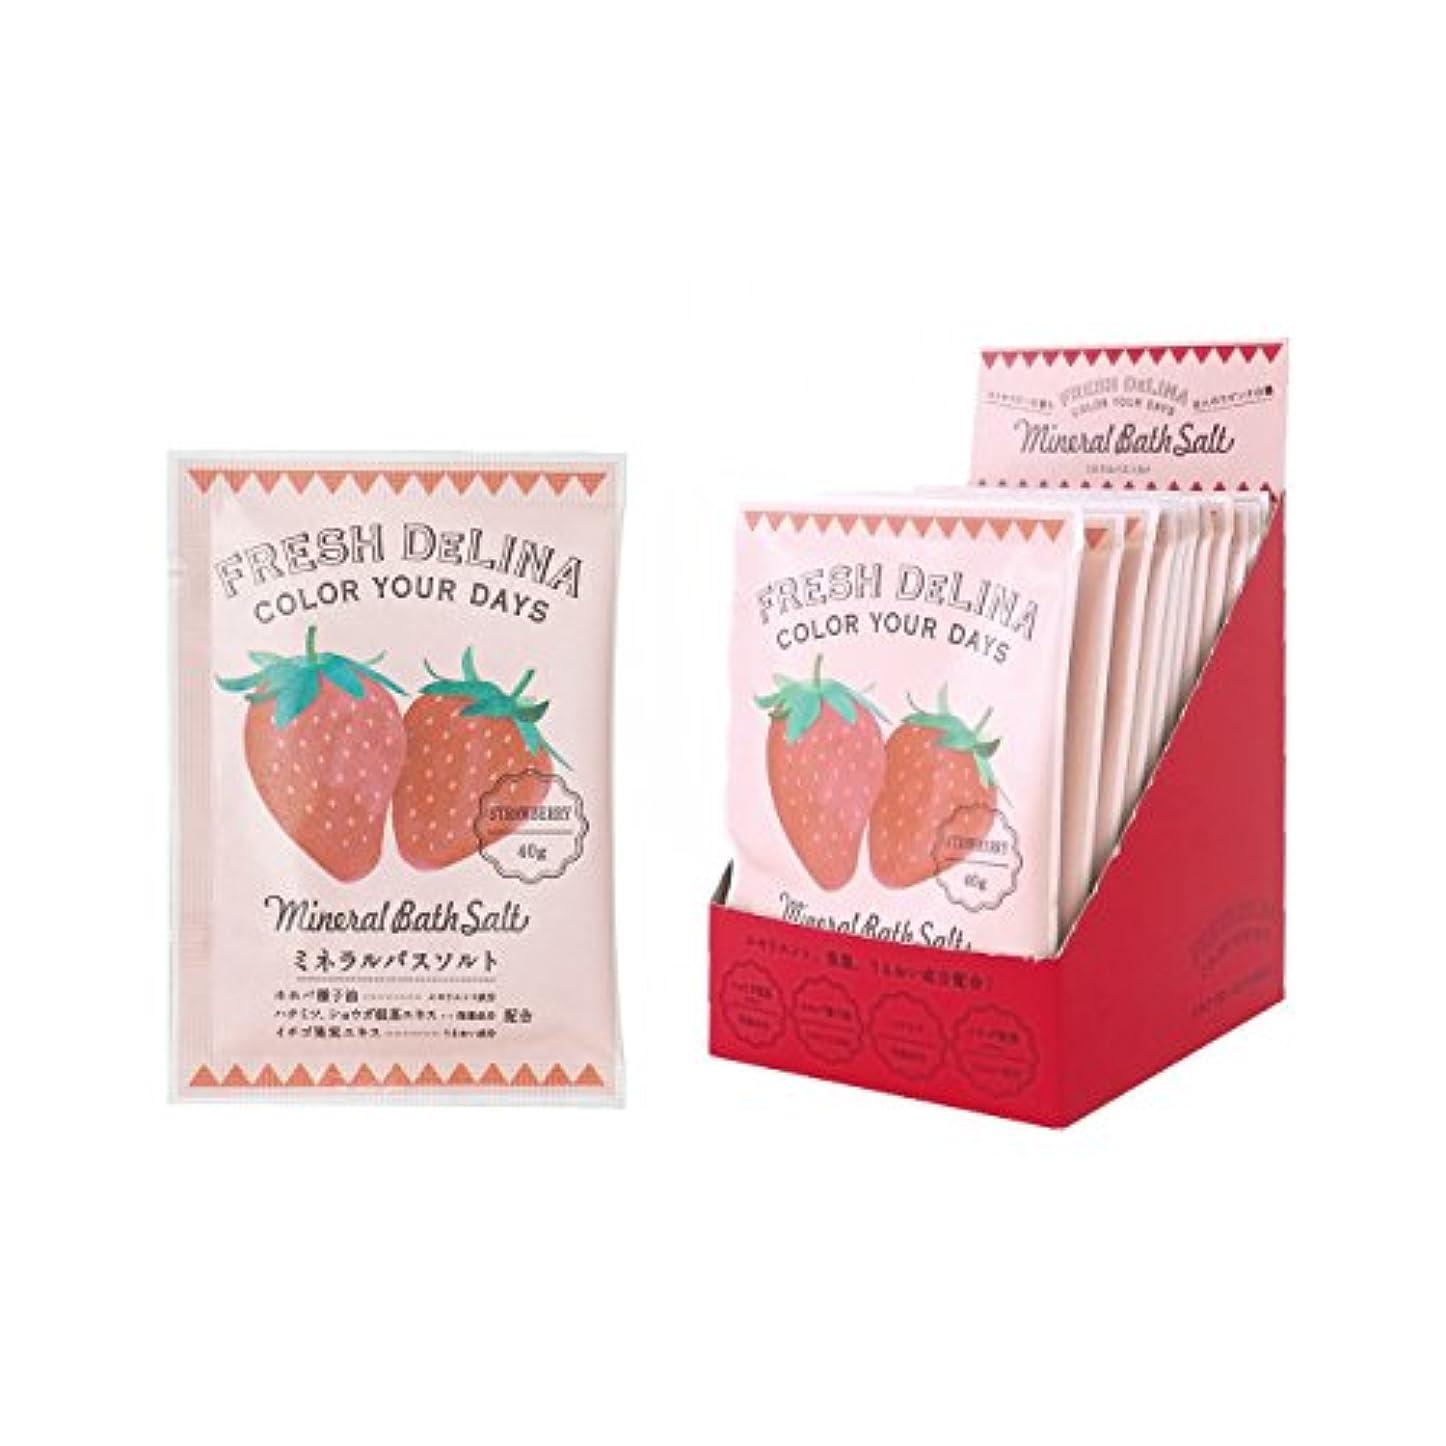 タクシーブラストサスティーンフレッシュデリーナ ミネラルバスソルト40g(ストロベリー) 12個 (海塩タイプ入浴料 日本製 ジューシーなイチゴの香り)